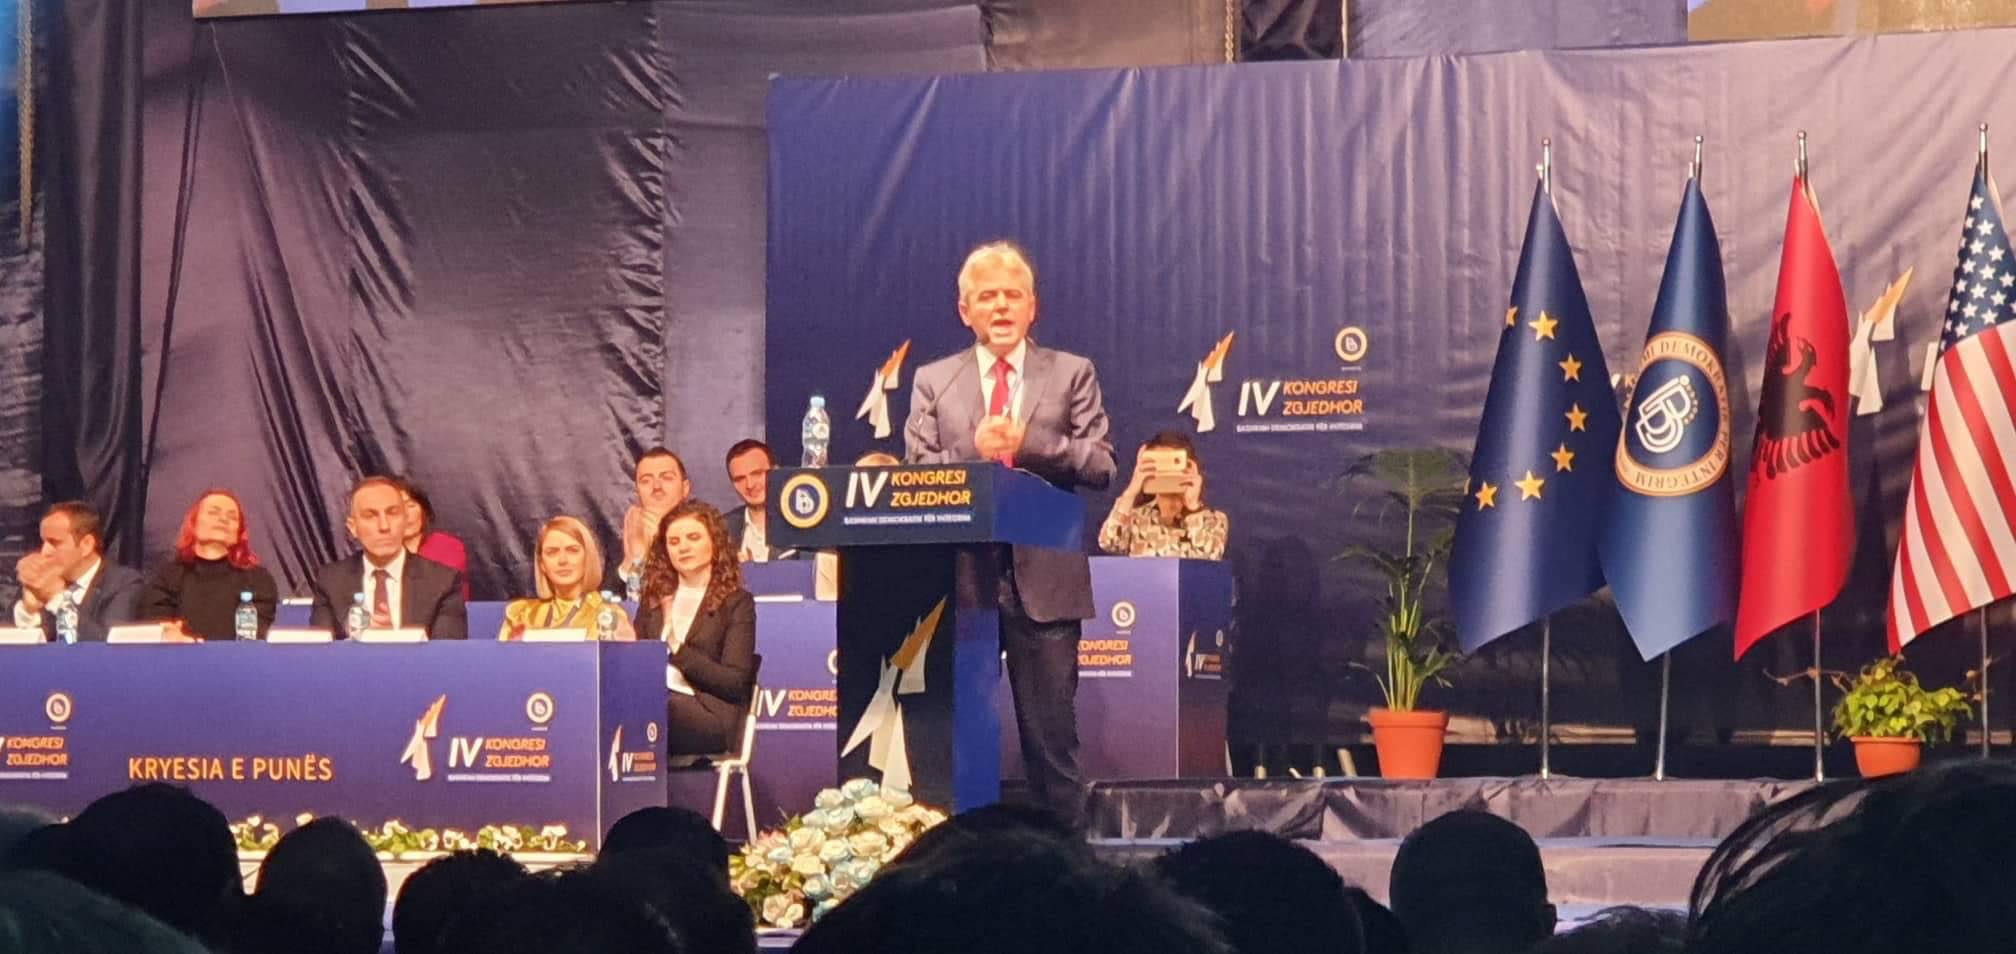 Ali Ahmetin në krye të integristëve edhe për katër vitet e ardhshme